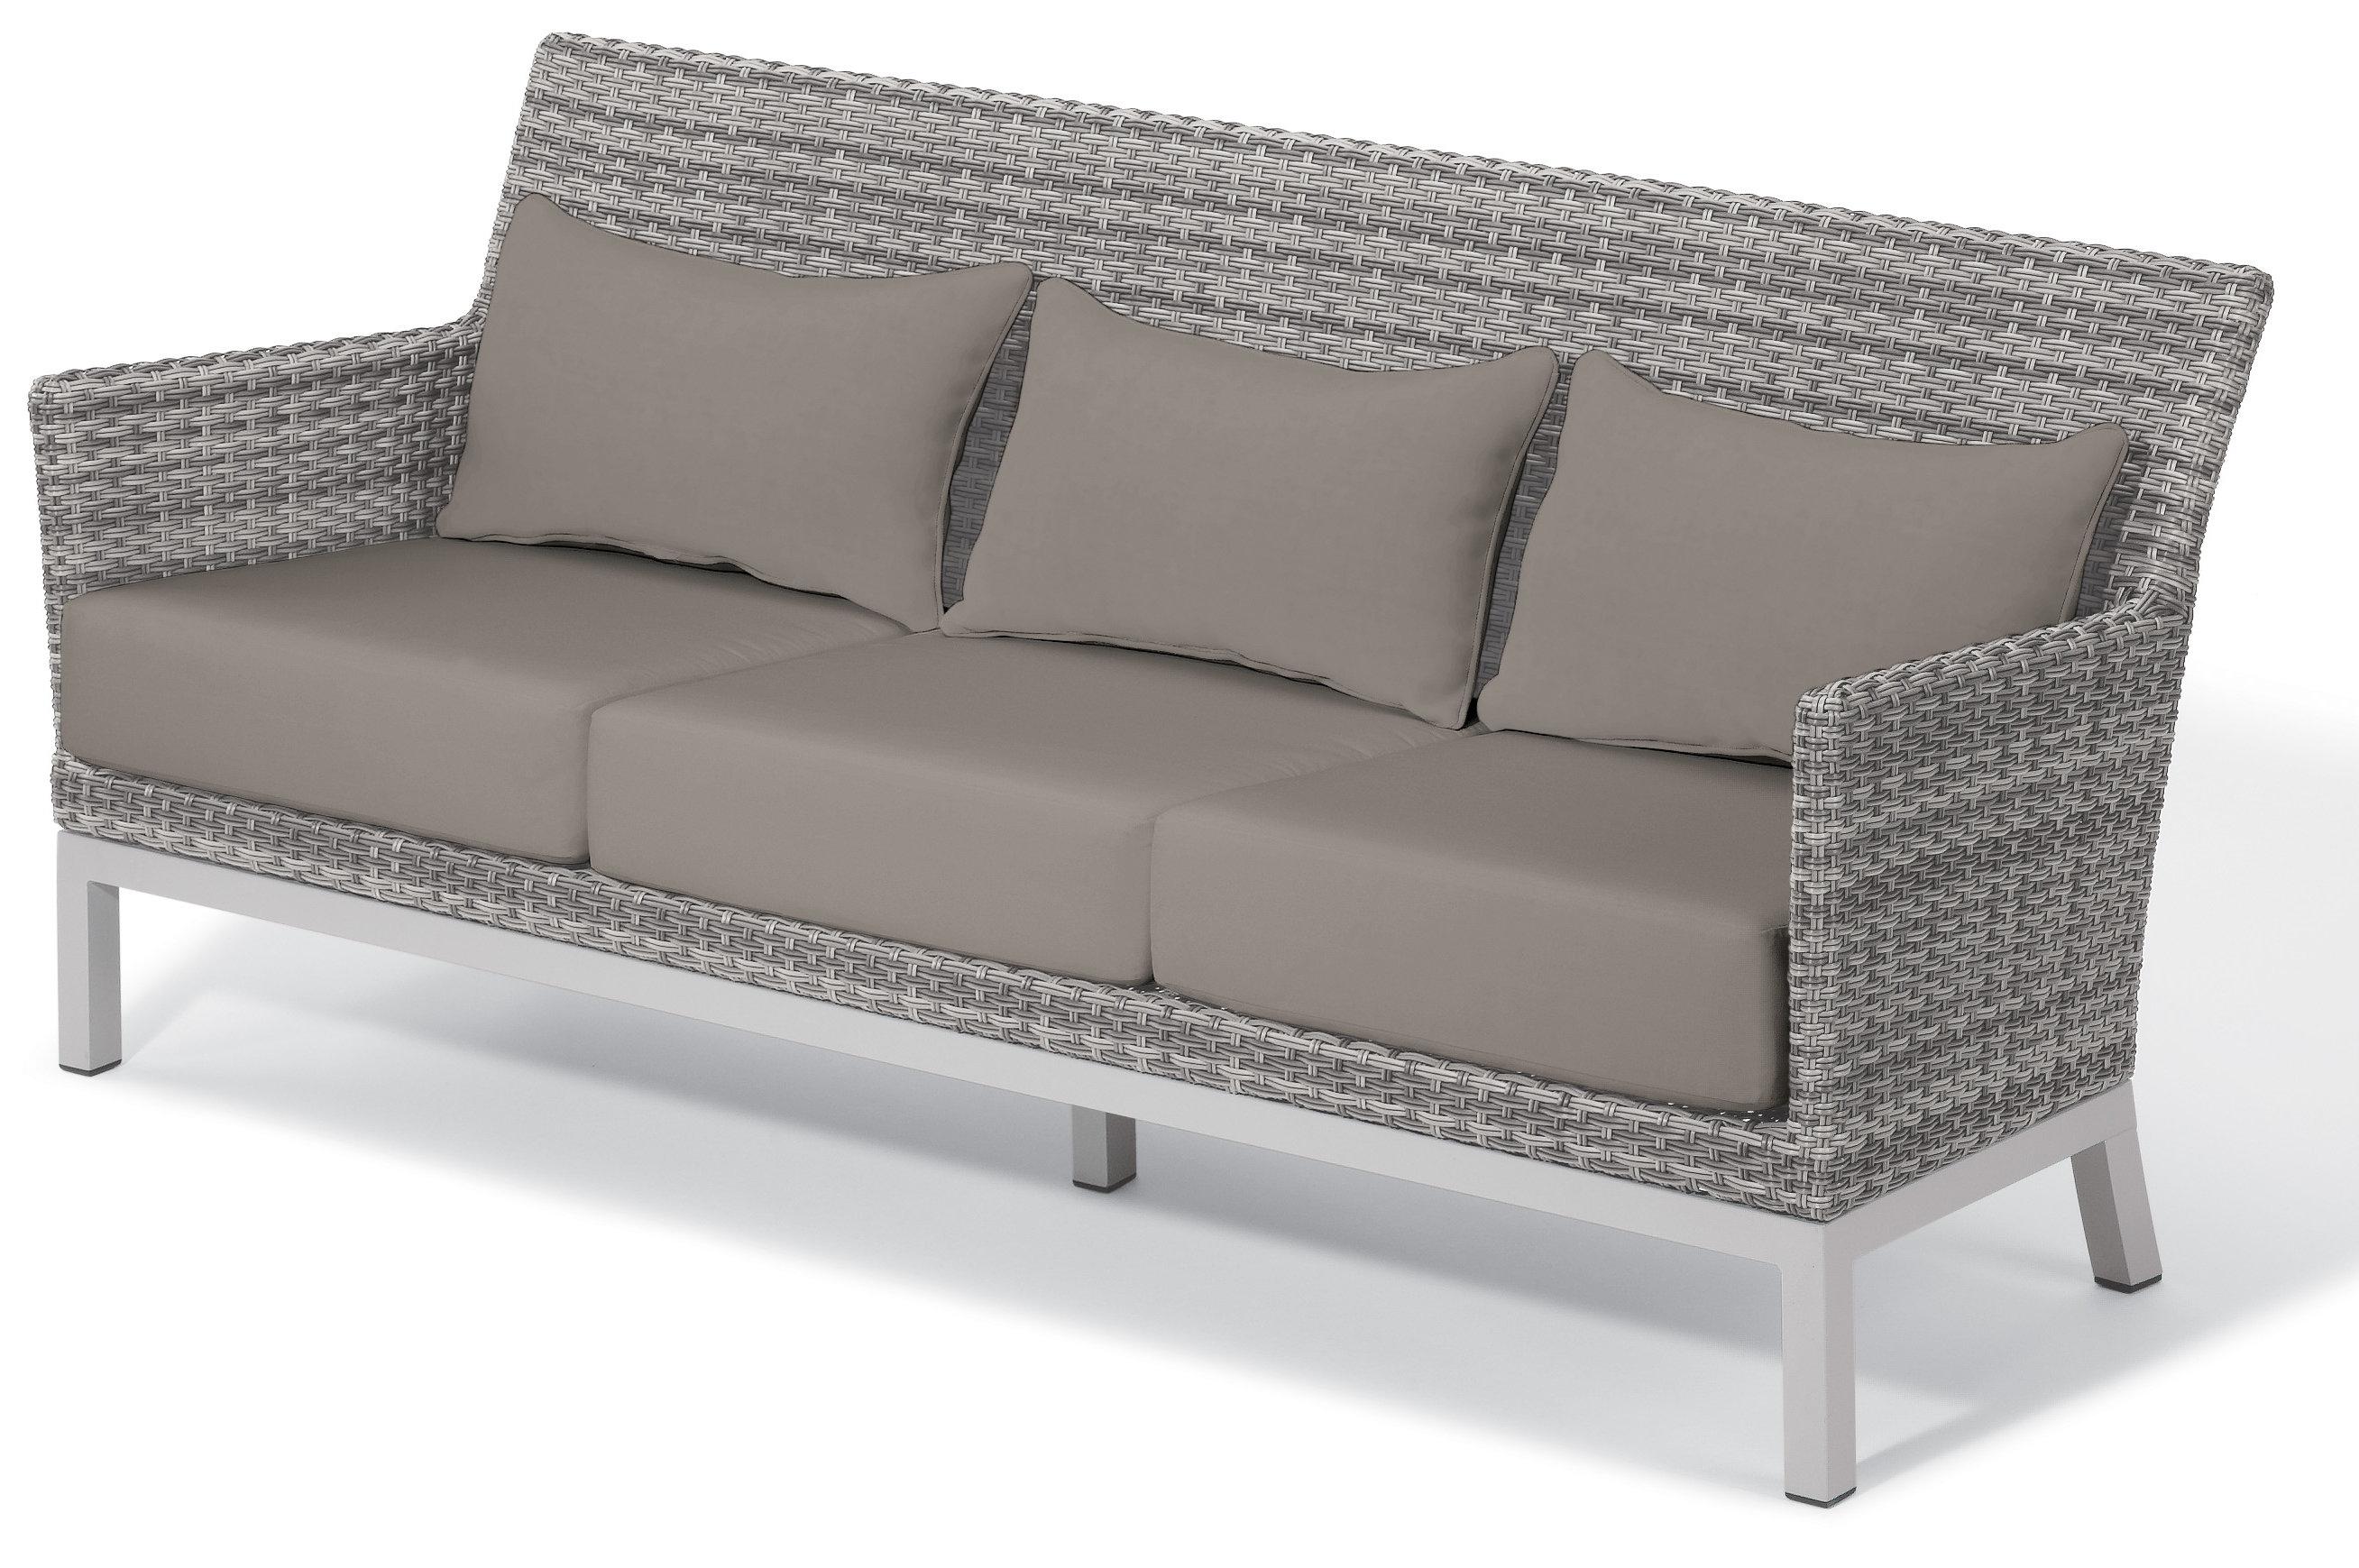 Newbury Patio Sofas With Cushions Regarding 2019 Saleem Patio Sofa With Cushions (View 15 of 20)